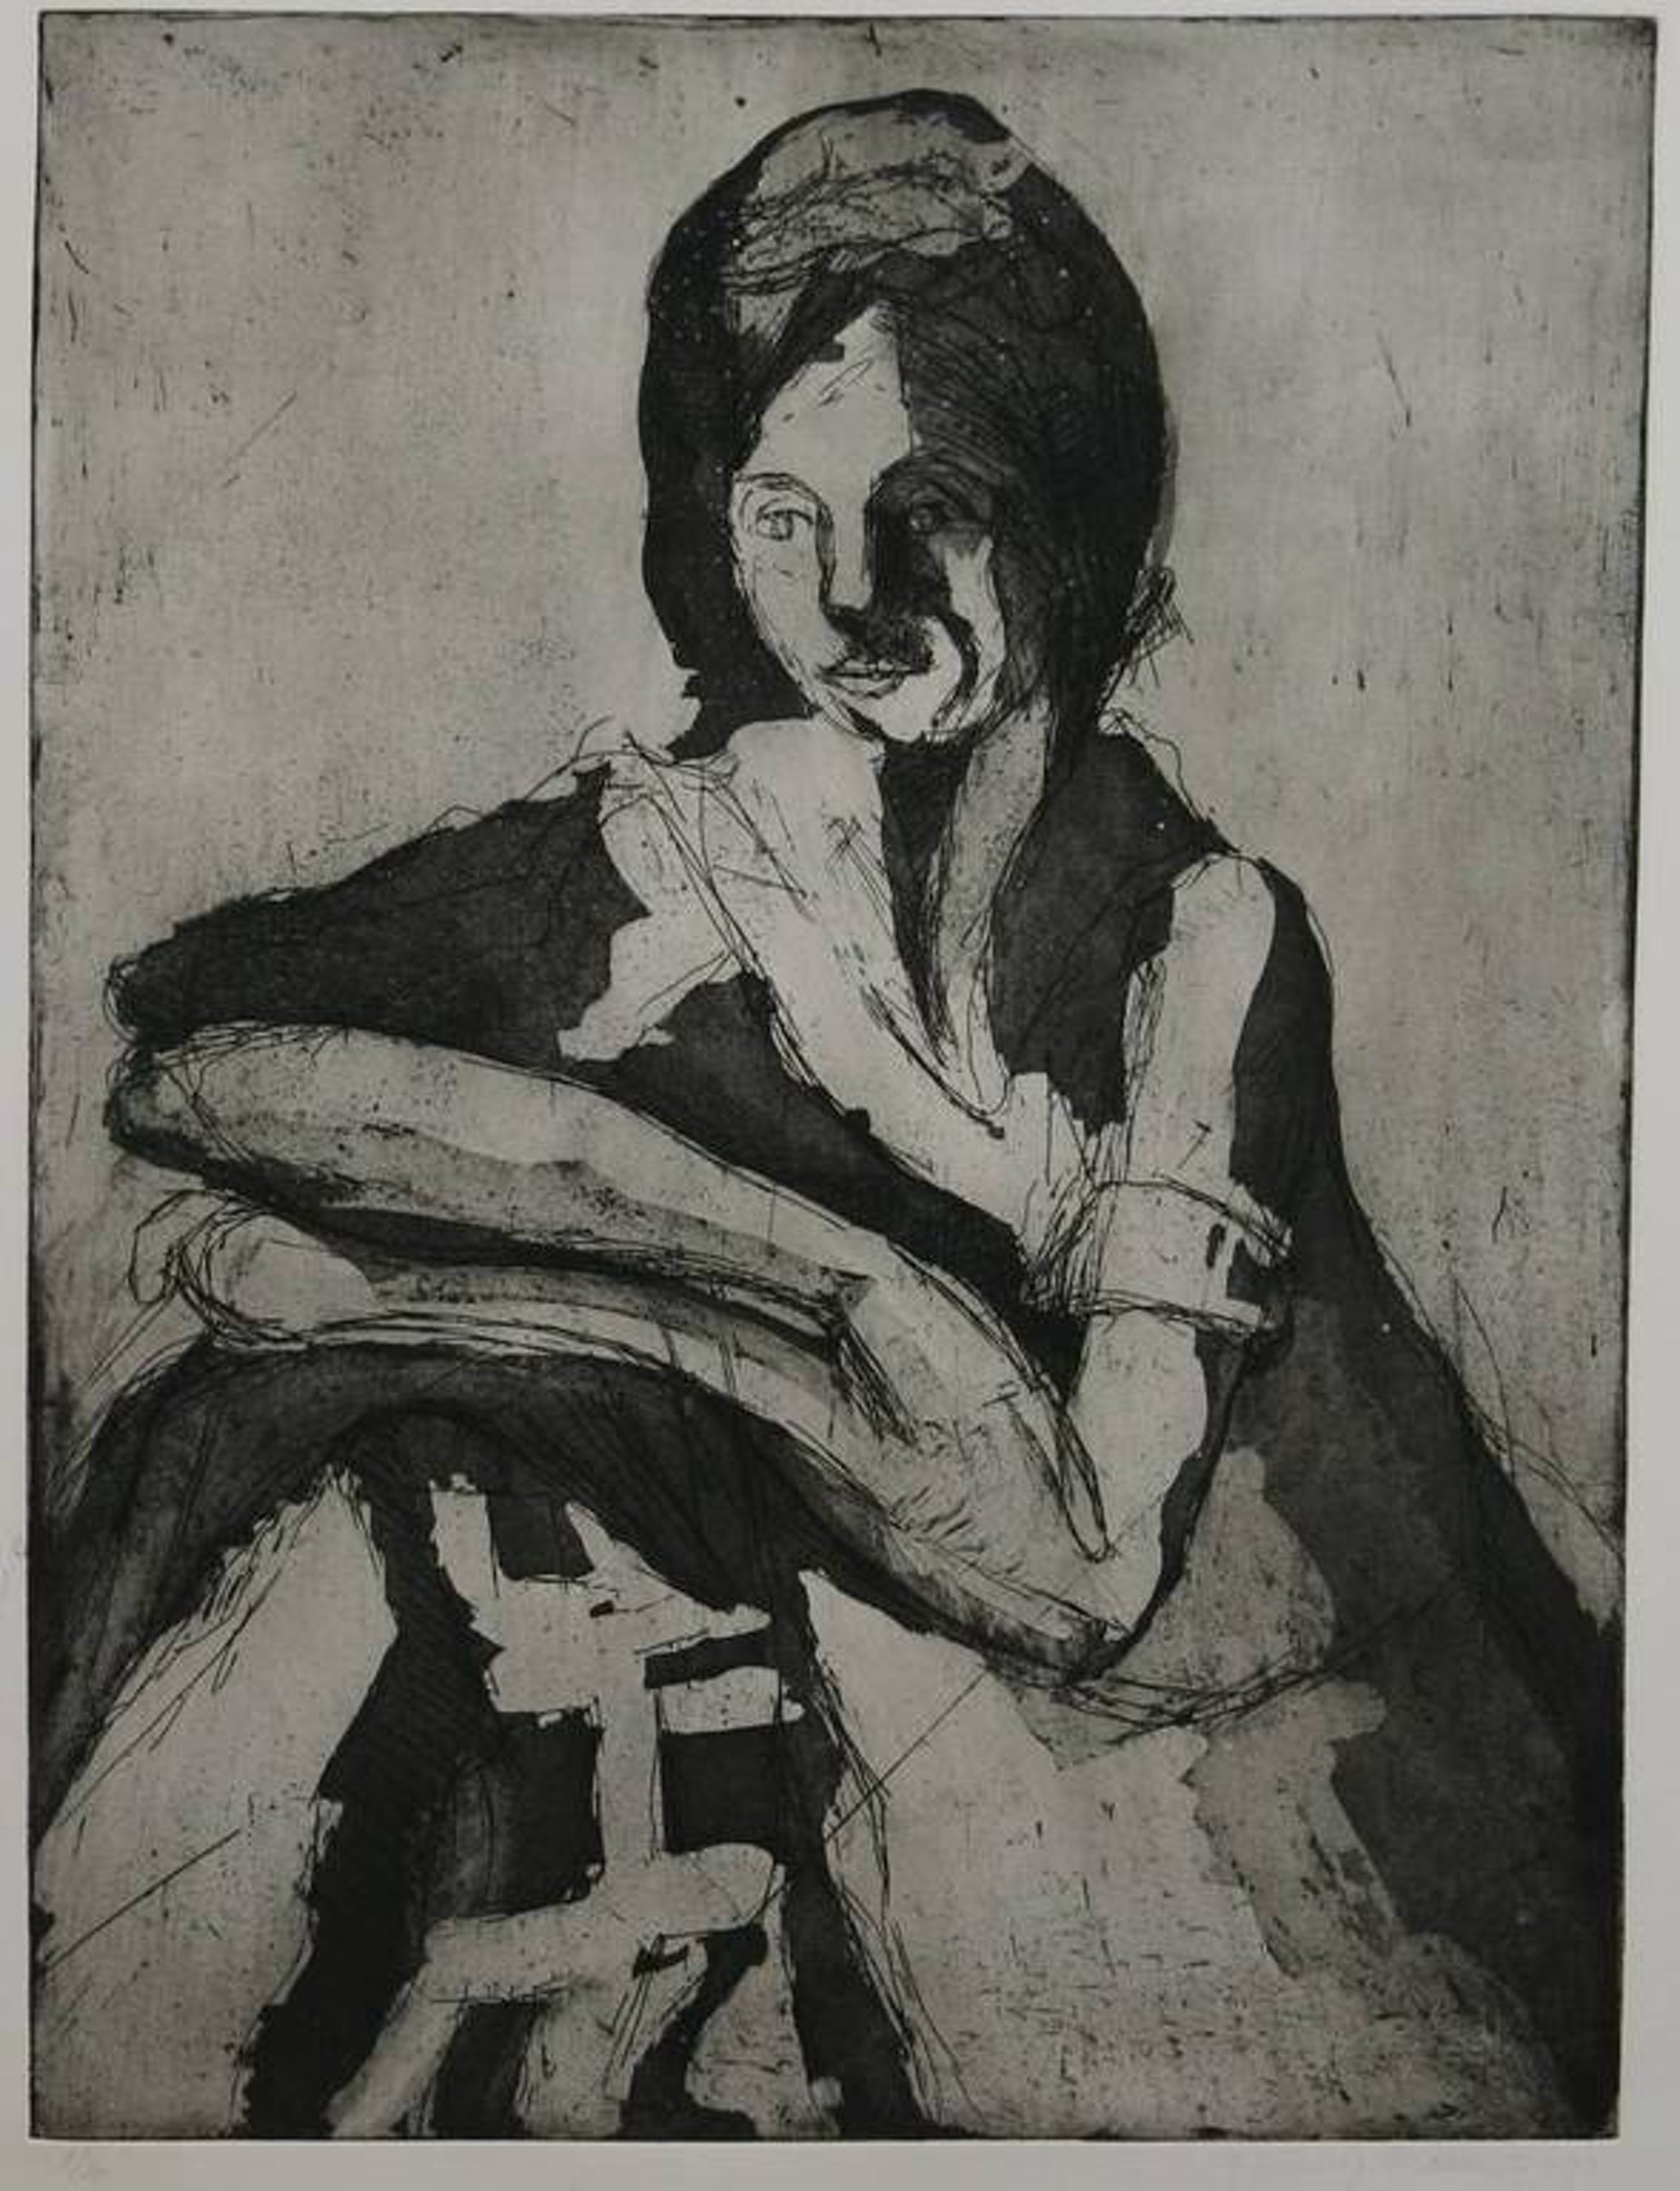 Gerda Lensing Brouwer: Ets, portret van een vrouw kopen? Bied vanaf 1!